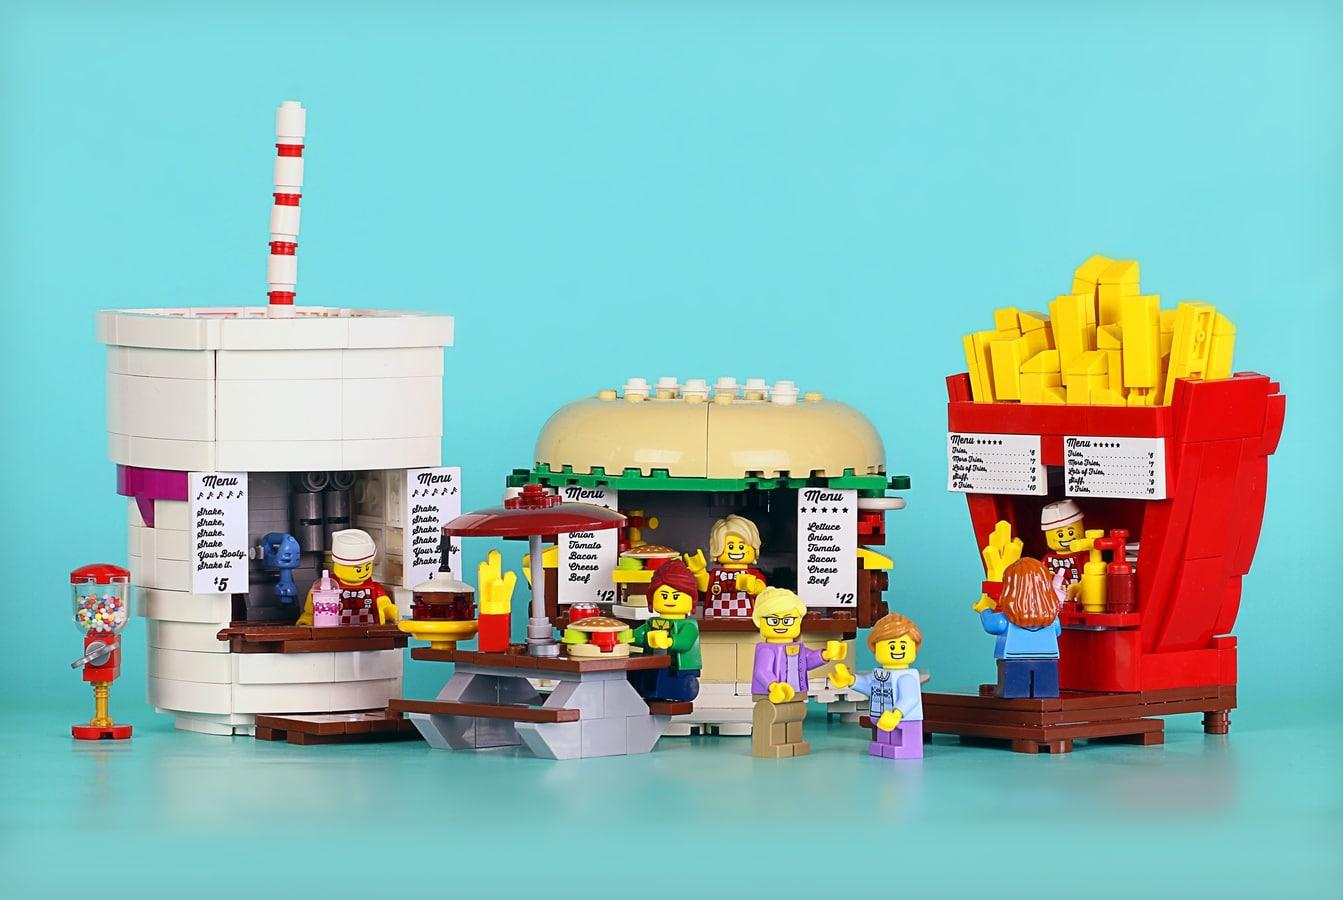 Lego Ideen.Lego Ideas Fünf Ideen Für Die 3 Review 2018 Qualifiziert